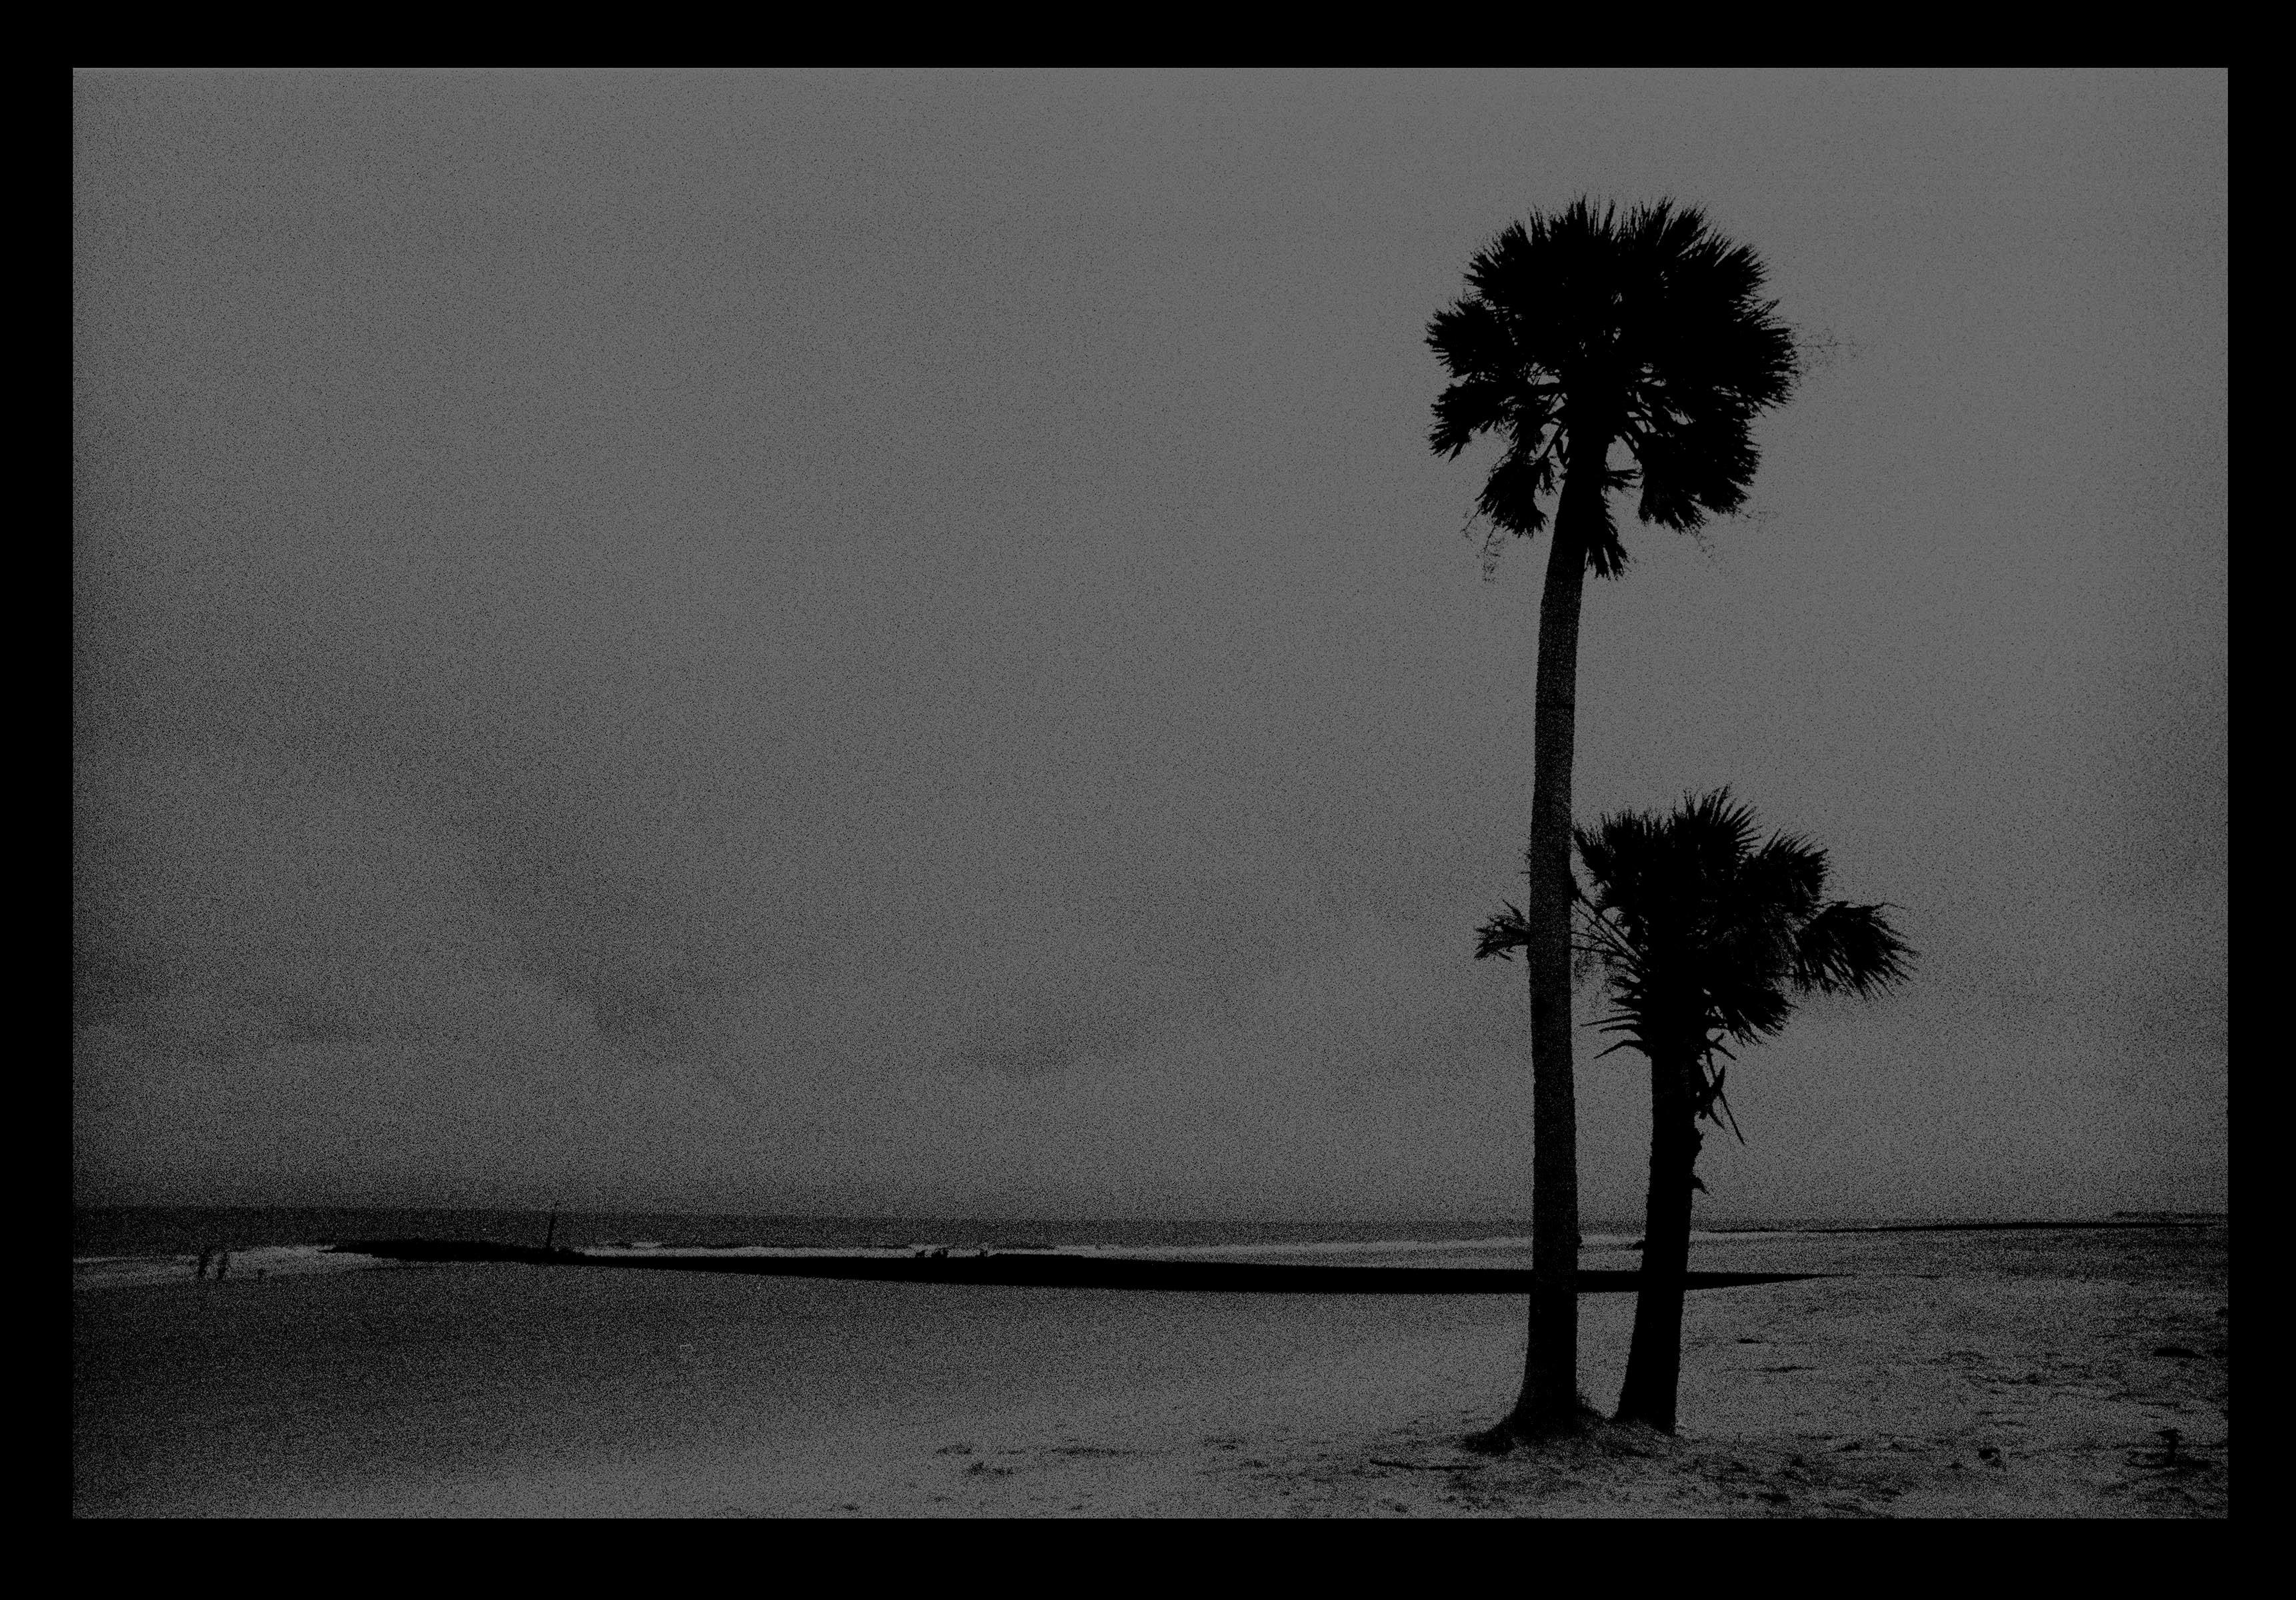 Night Palms, South Carolina, silhouette palms trees, beach, waves, ocean